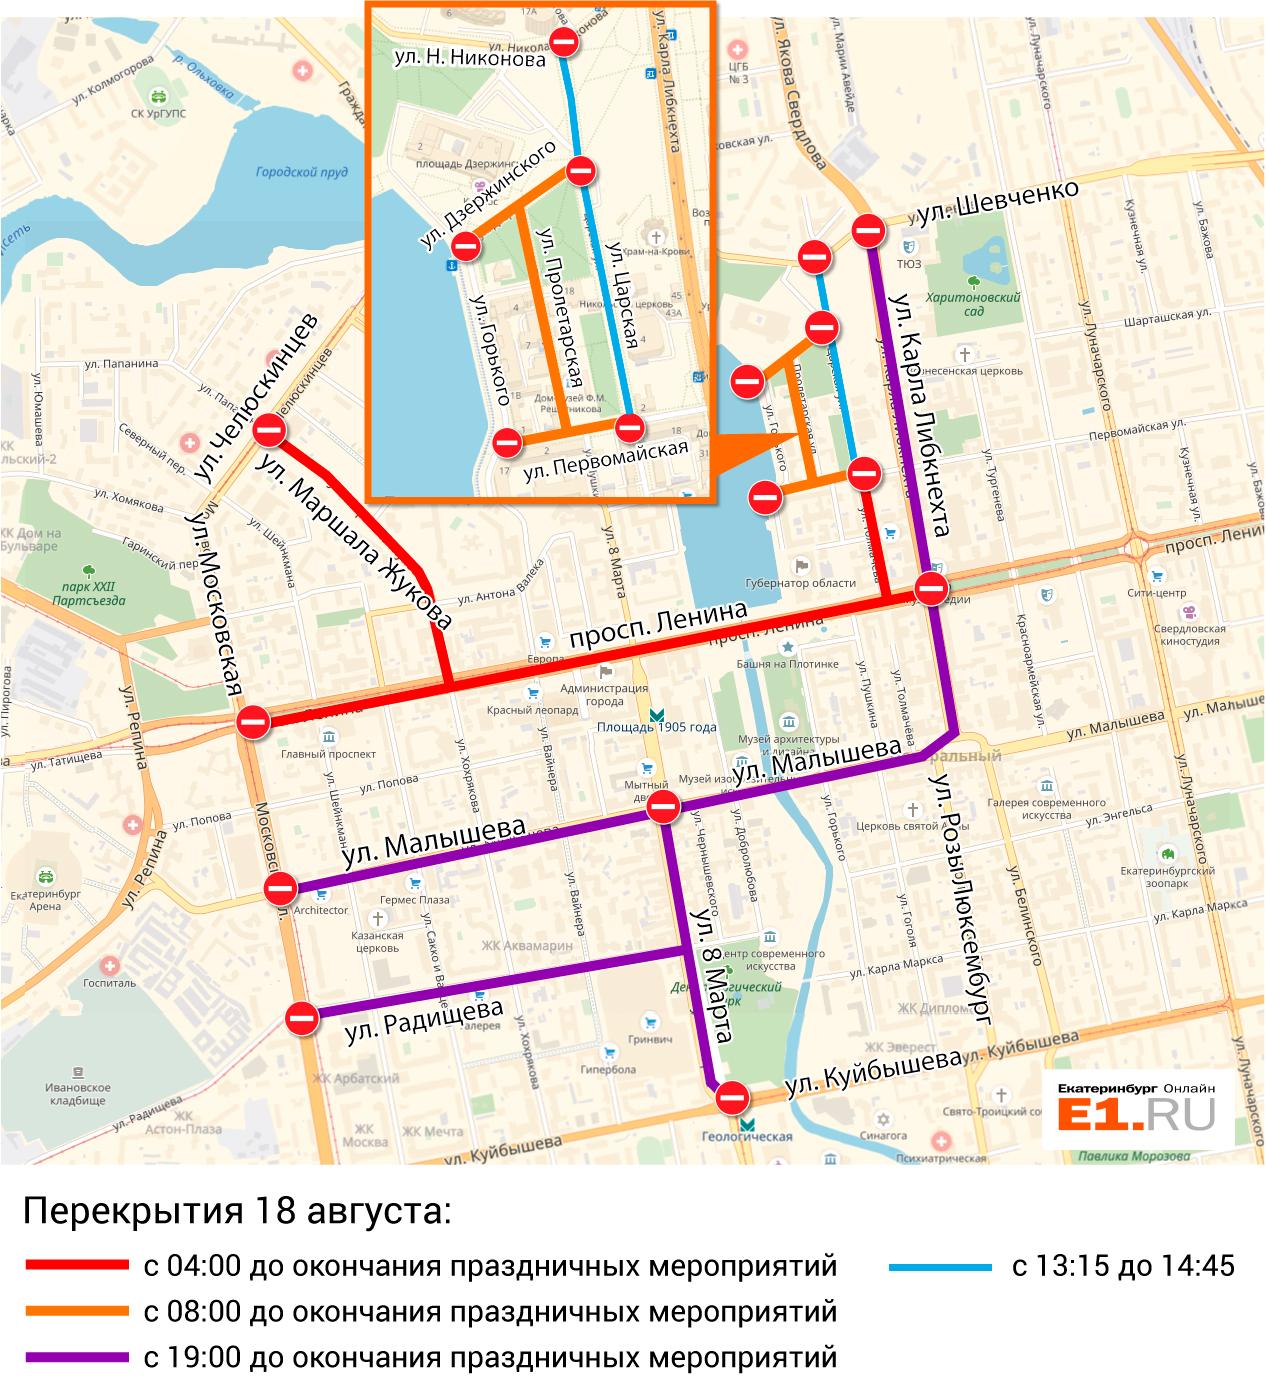 Из-за Дня города центр Екатеринбурга будут перекрывать в течение двух недель: публикуем карту